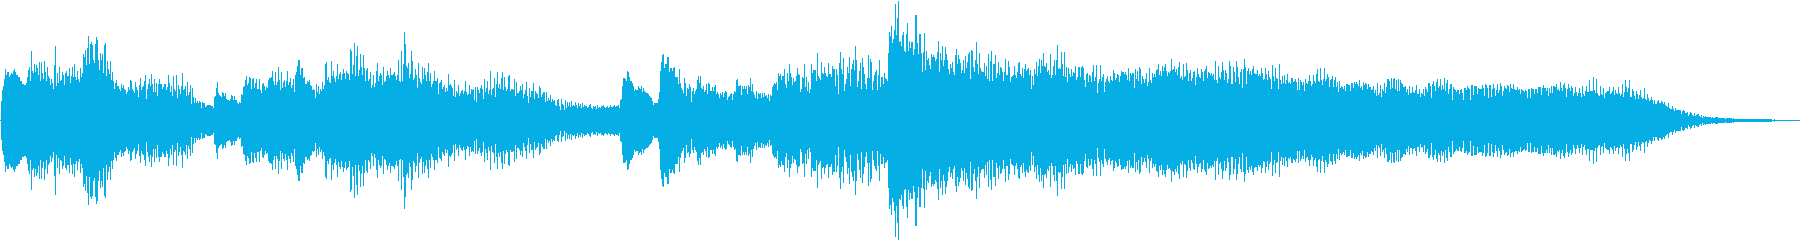 キラキラしたピアノのジングルの再生済みの波形